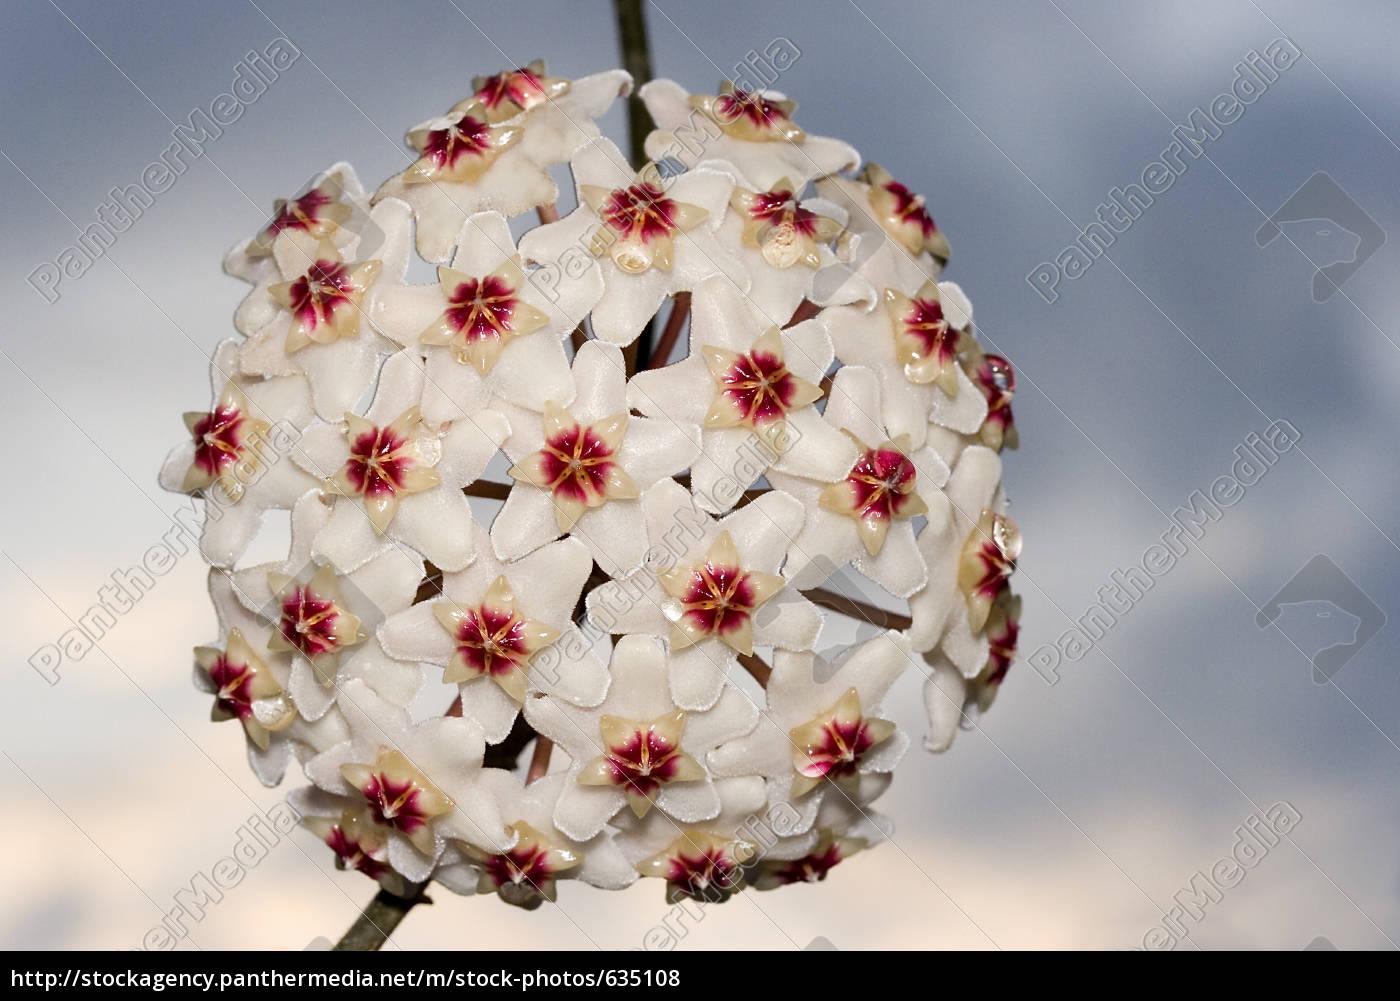 wax, flower, ball - 635108